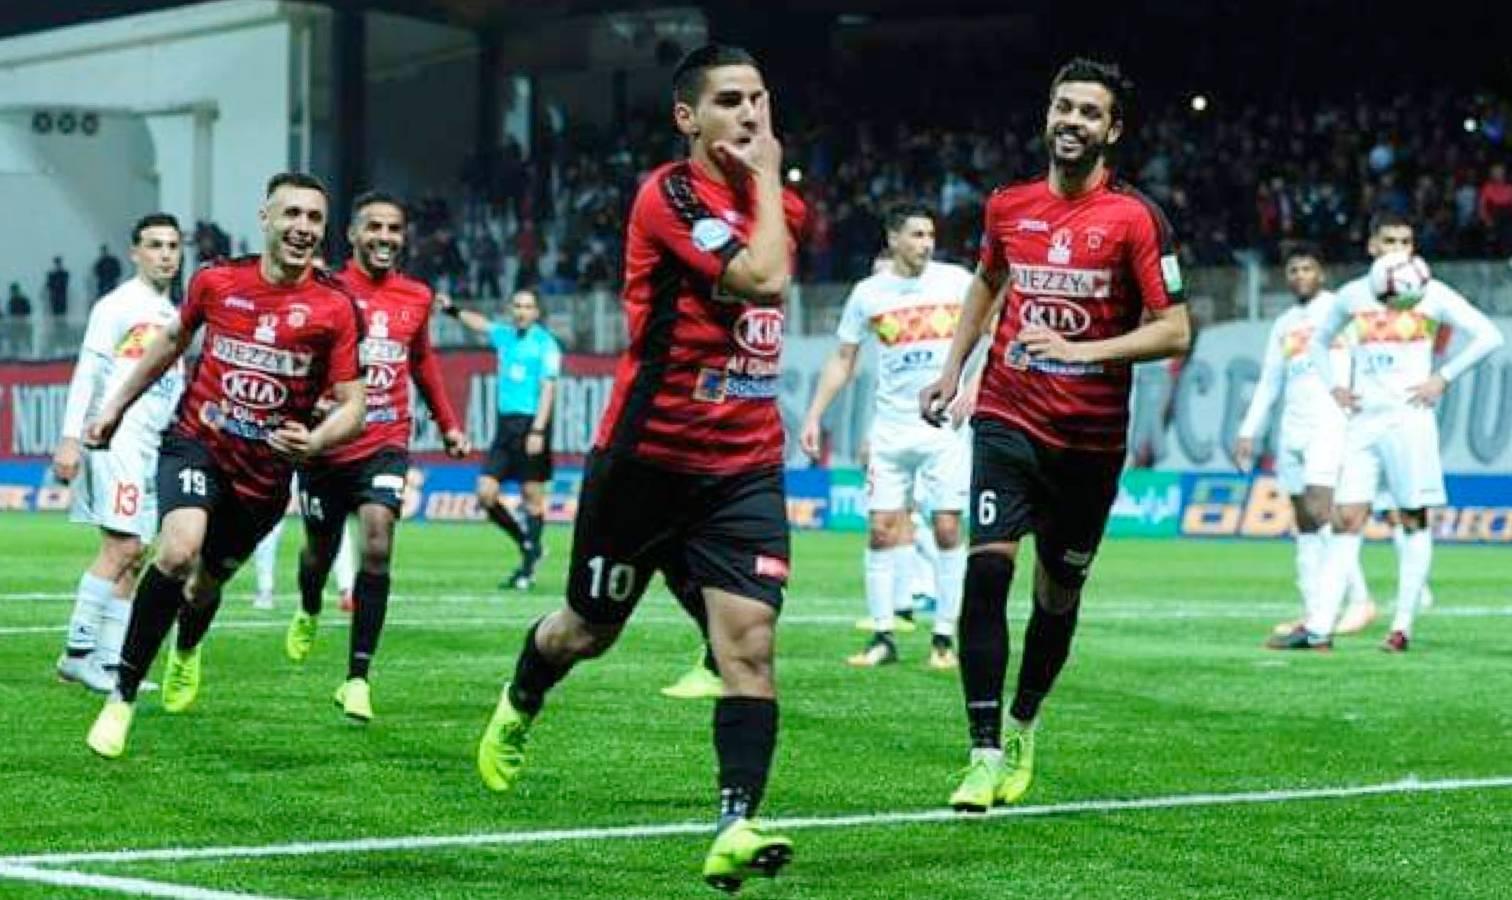 Equipe D Algerie Calendrier.Ligue 1 Le Calendrier De La Competition Publie Tsa